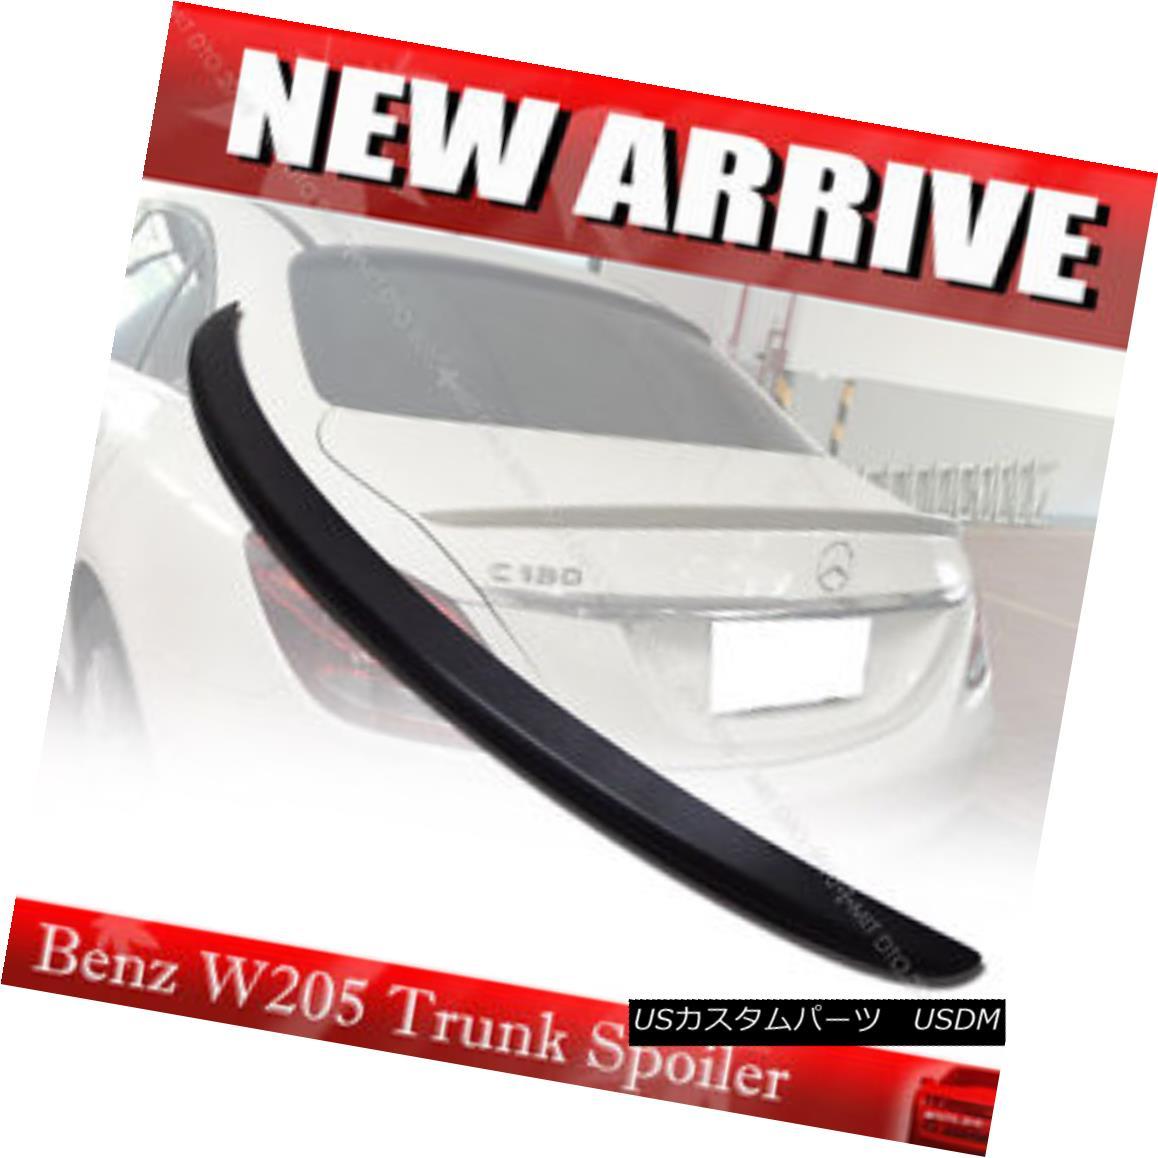 エアロパーツ Unpainted Mercedes BENZ W205 C-class Sedan A Type Rear Trunk Spoiler ABS § 未塗装メルセデスベンツW205 CクラスセダンAタイプリアトランクスポイラーABS